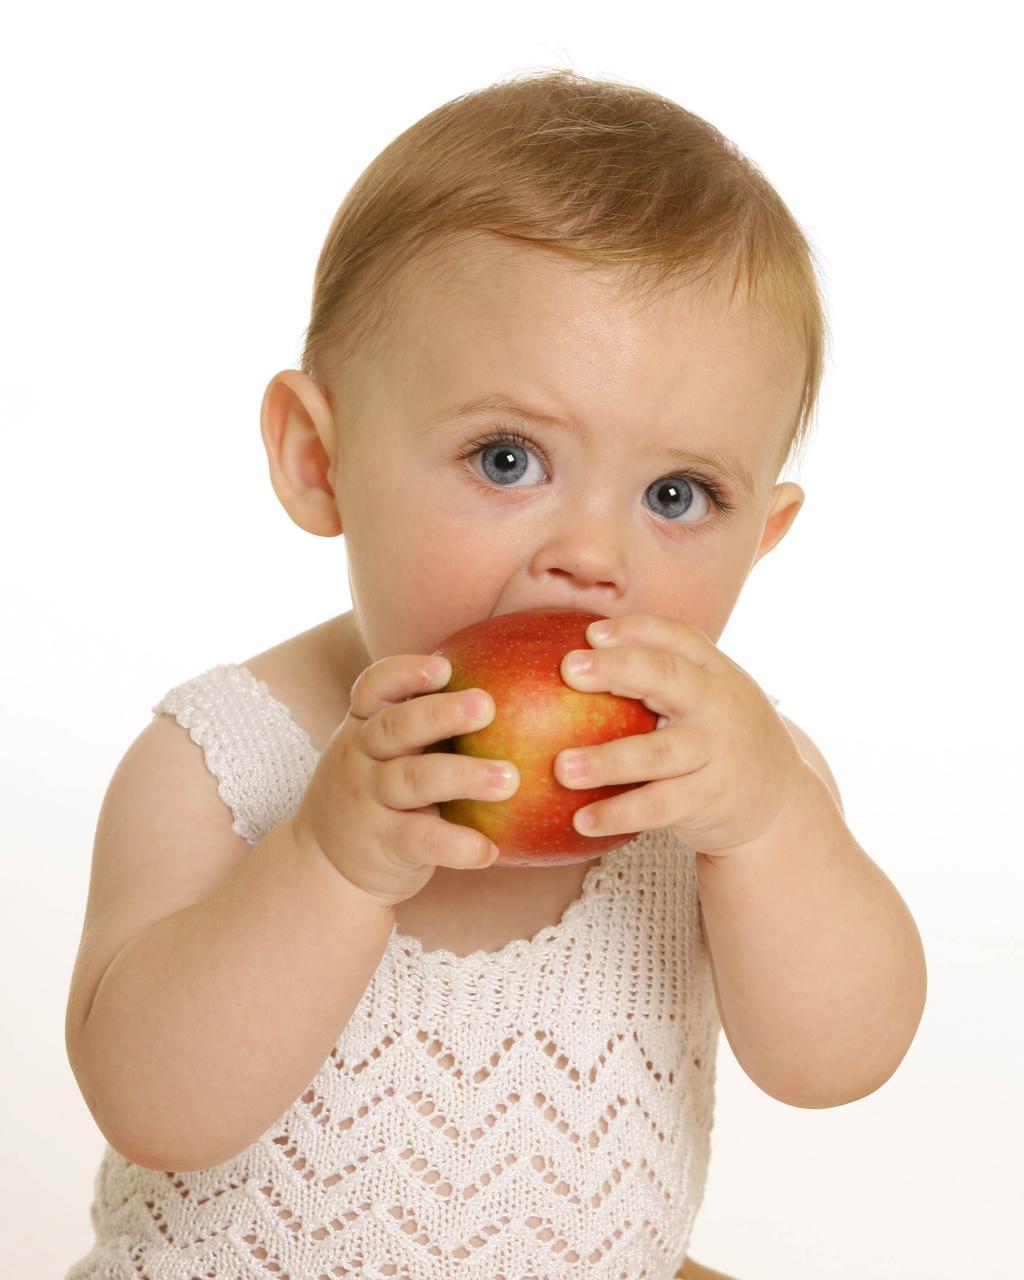 میوه ها و سبزیجات حاوی بالاترین غلظت مواد آفت کش